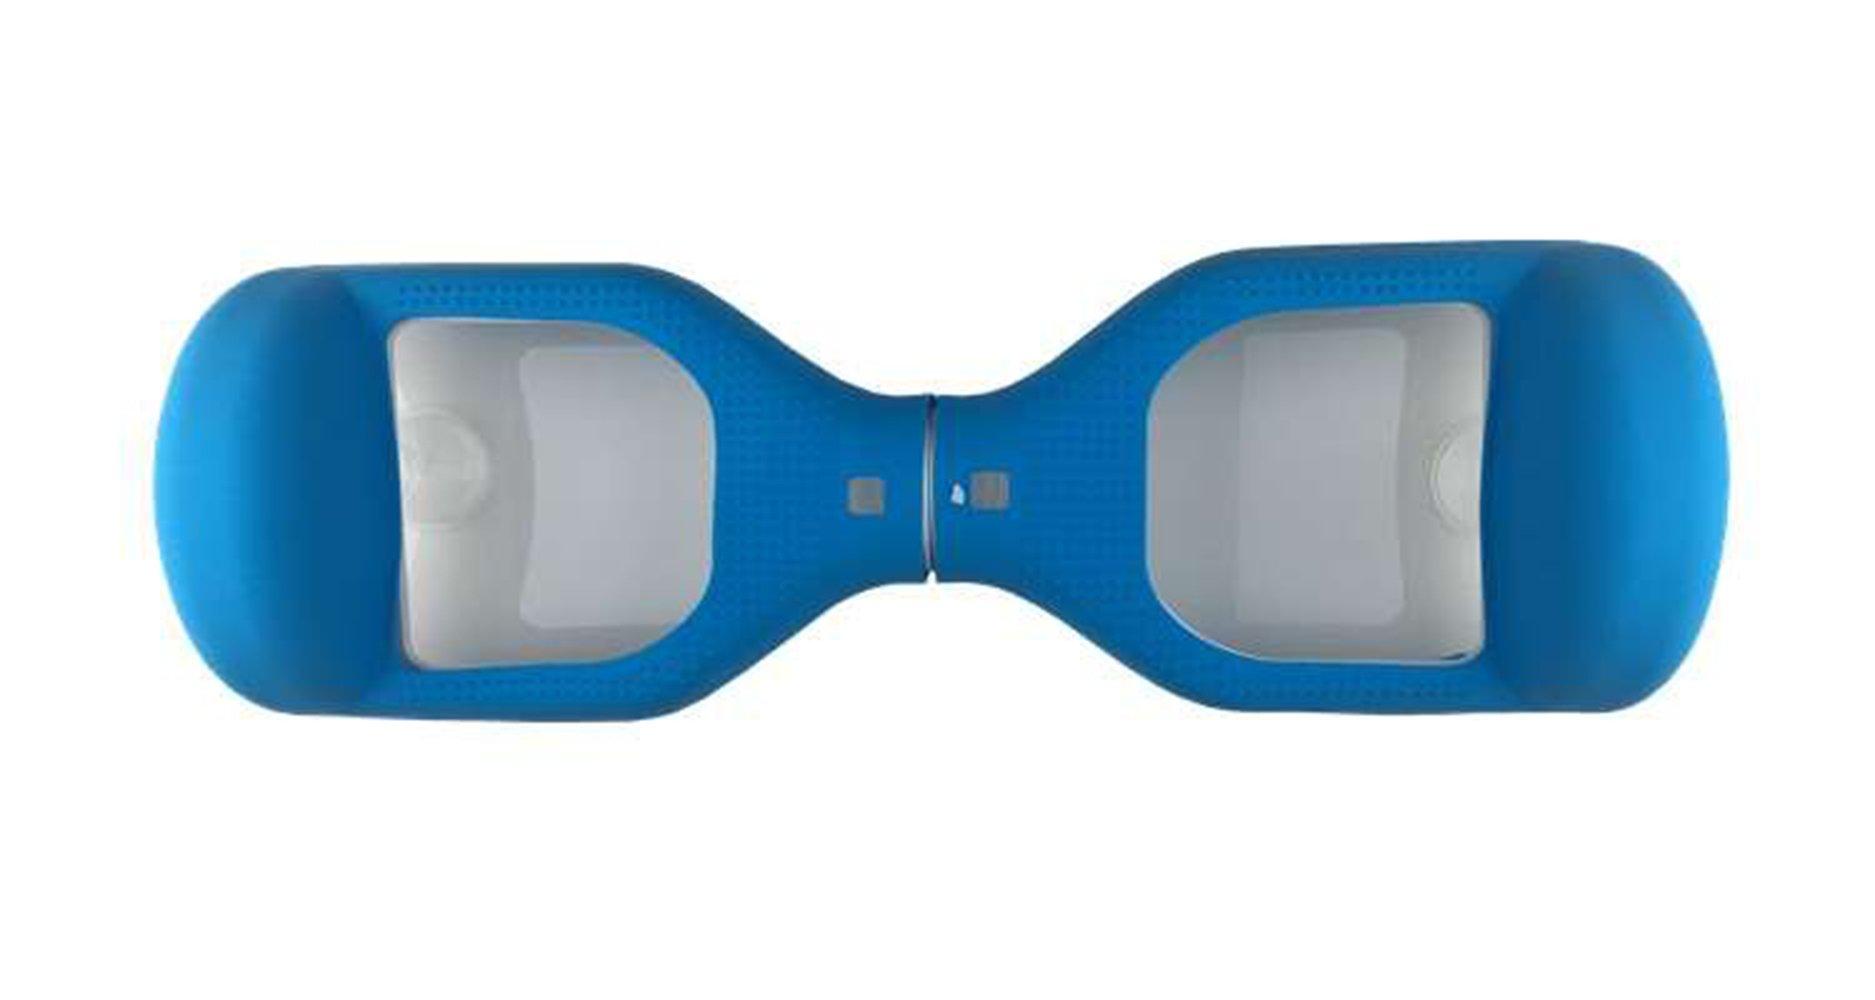 Azul ZSZBACE Funda Carcasa Protector de Tablas para 6.5 Inch Hoverboard